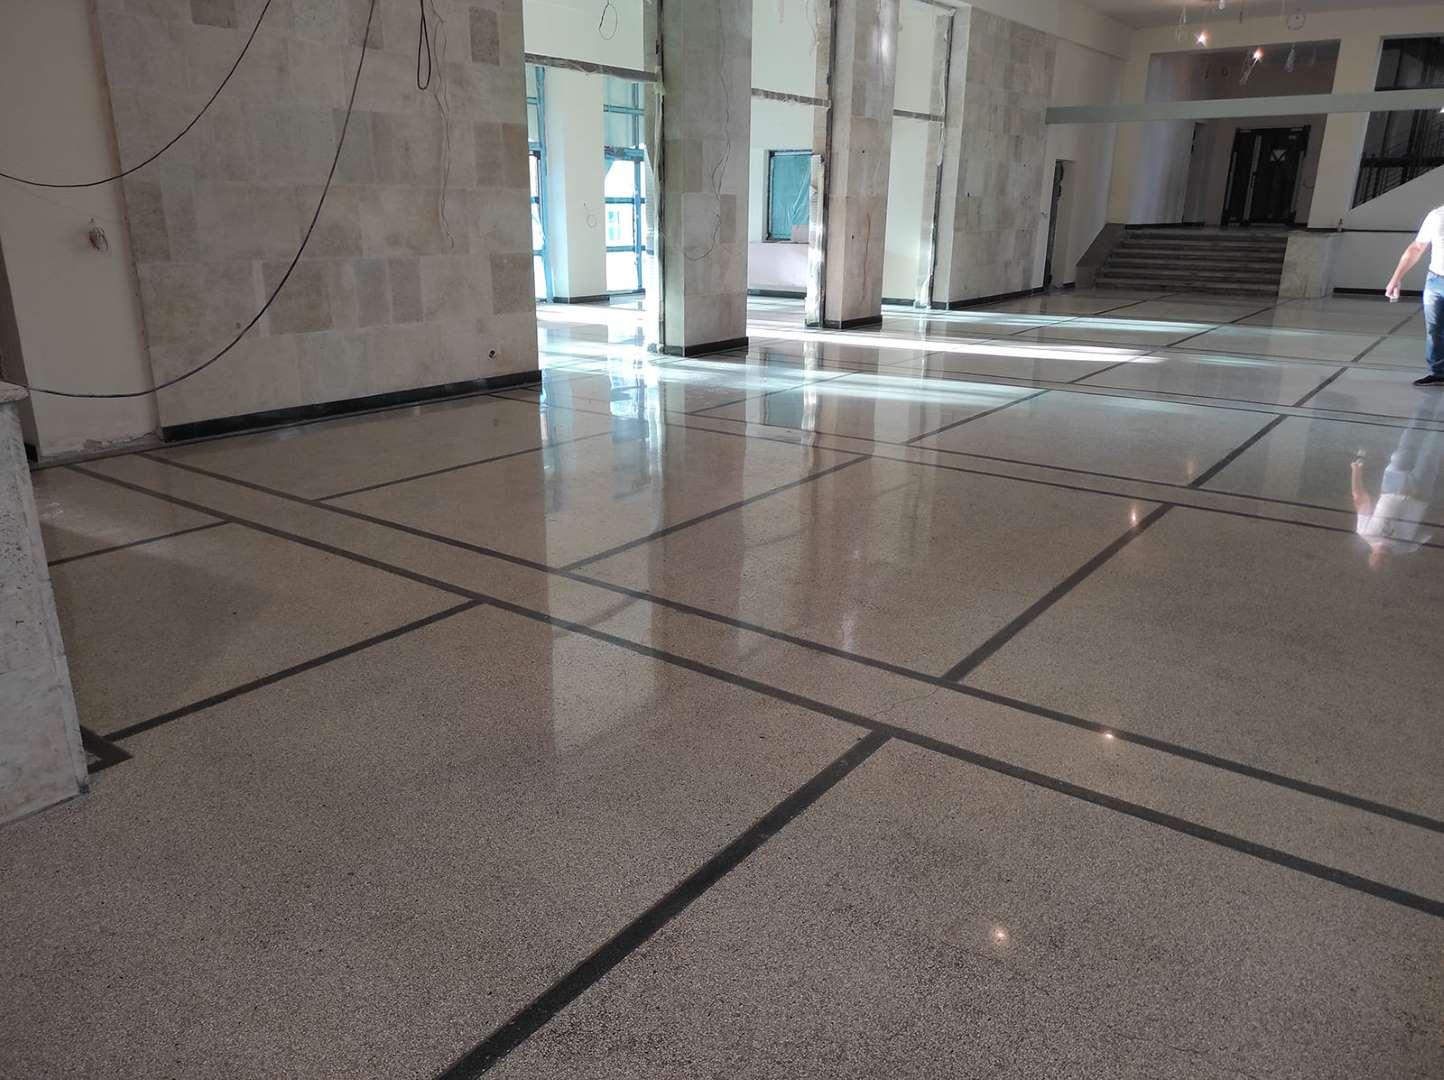 Polerowanie betonu i lastryko, renowacja posadzek